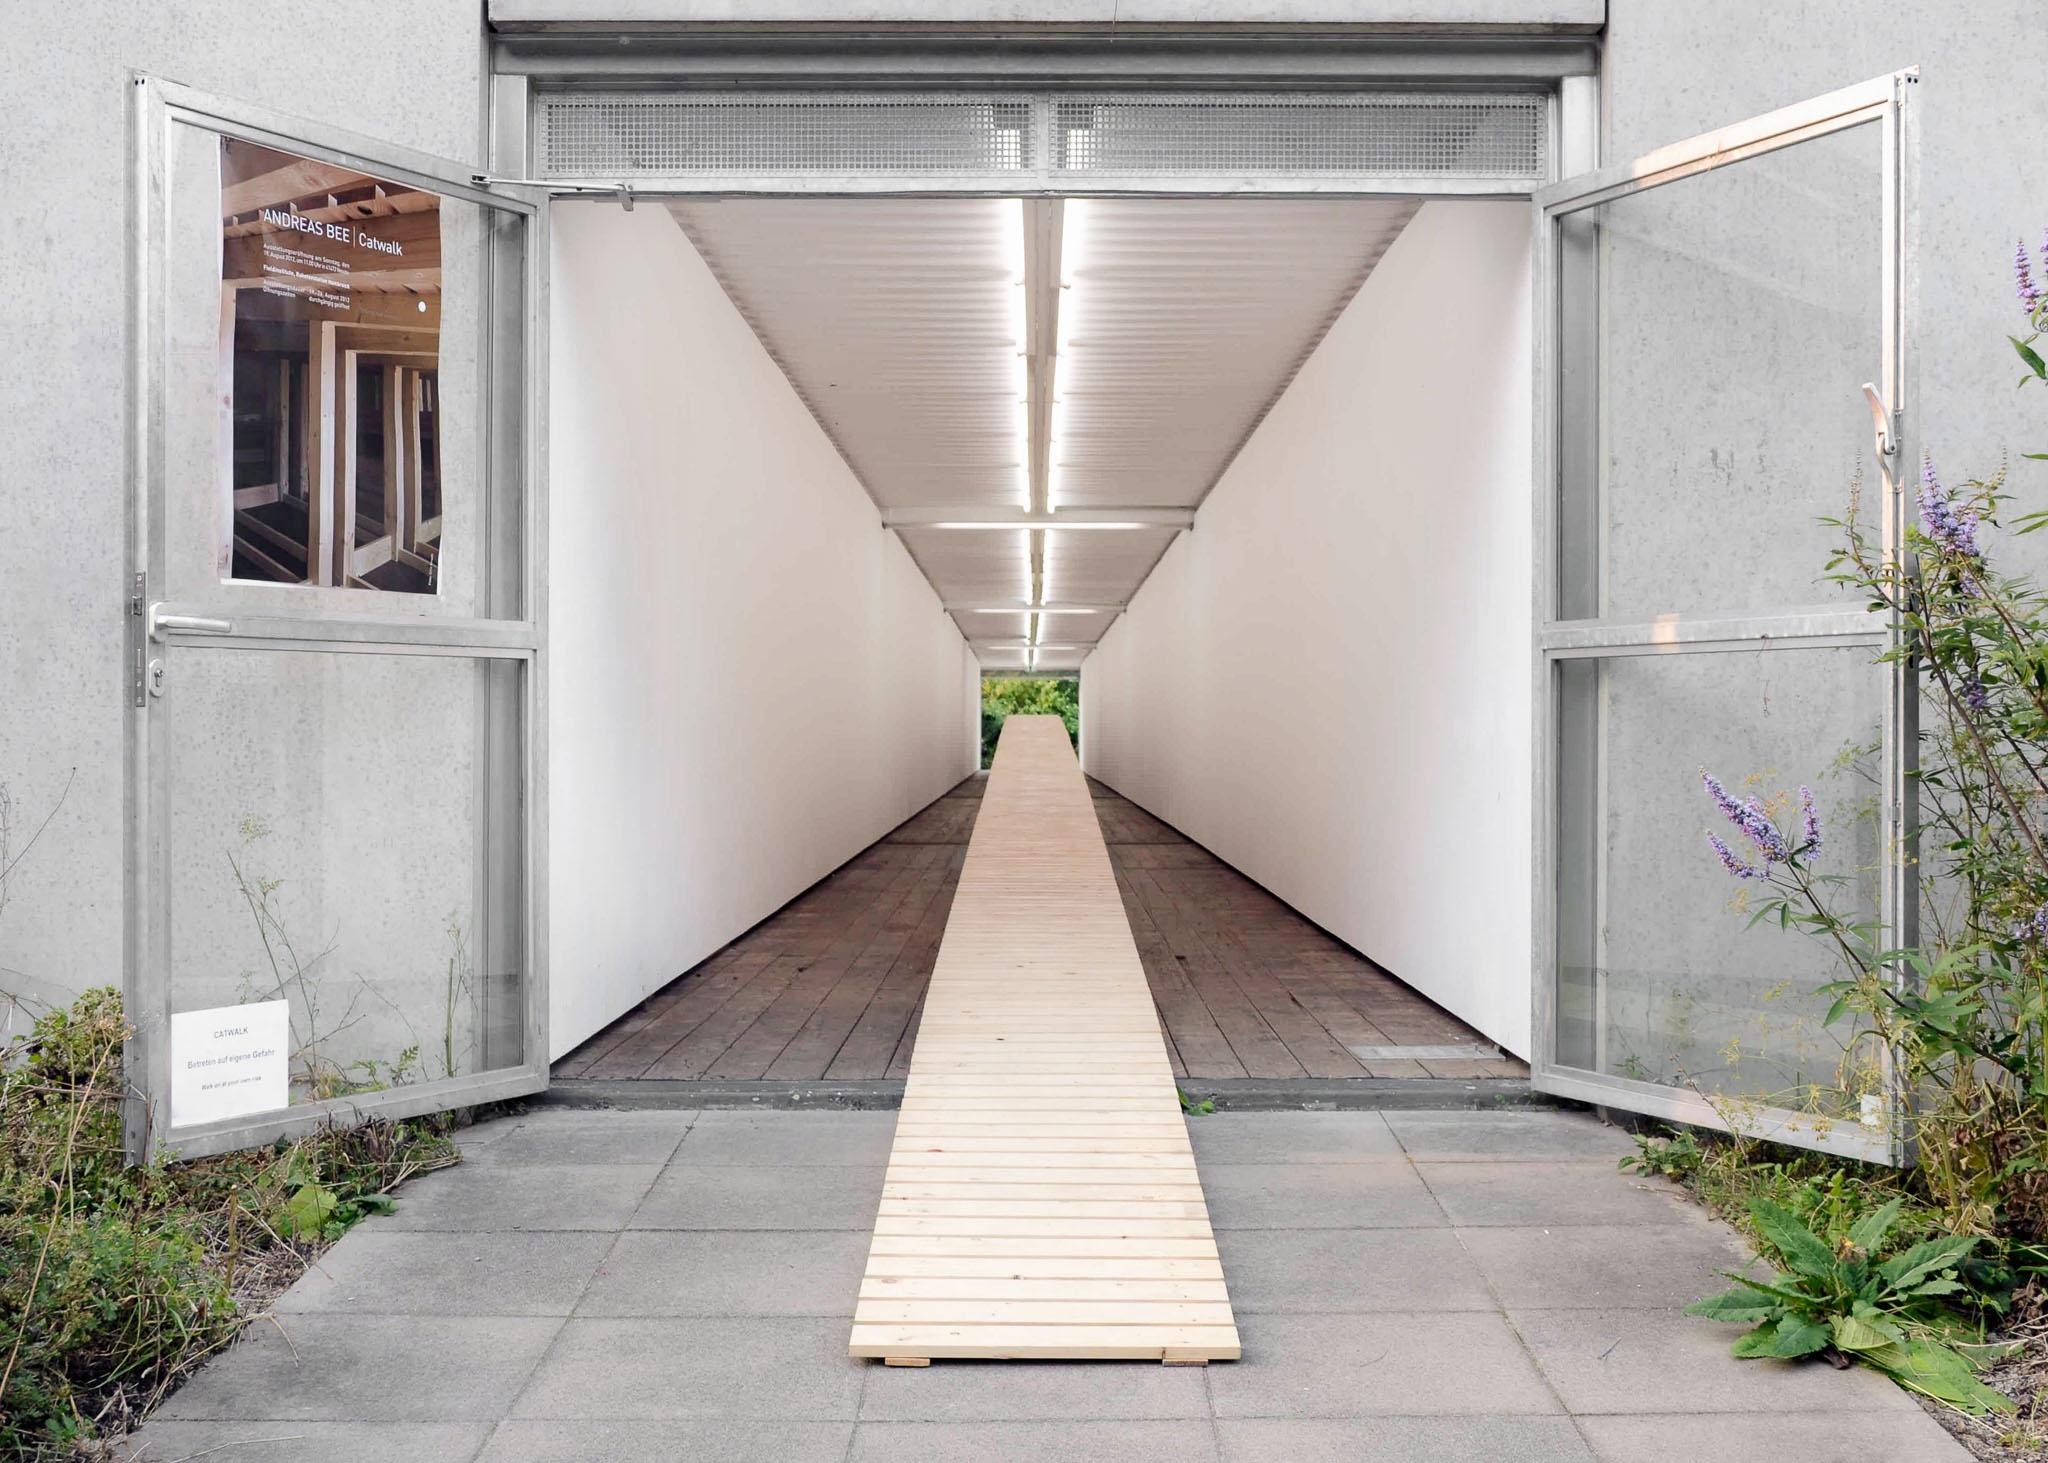 Catwalk-Insel-Hombroich-Rakatenstation--2012--Holz-Länge-52-Meter-Bearbeitet.jpg